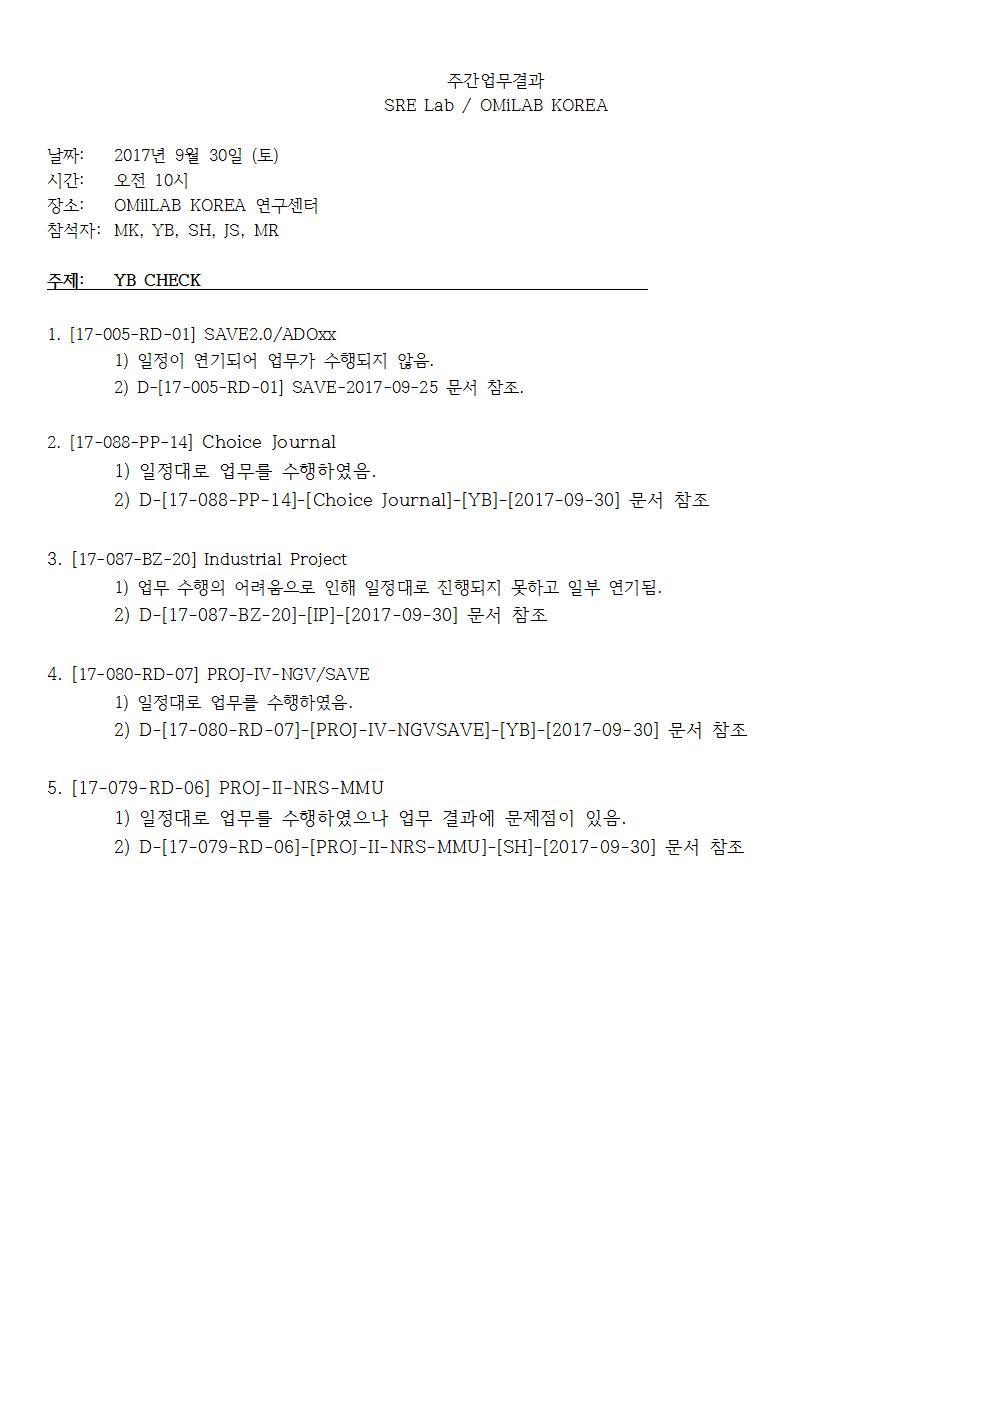 6-토-2017-09-30-CHEKC(YB)001.jpg